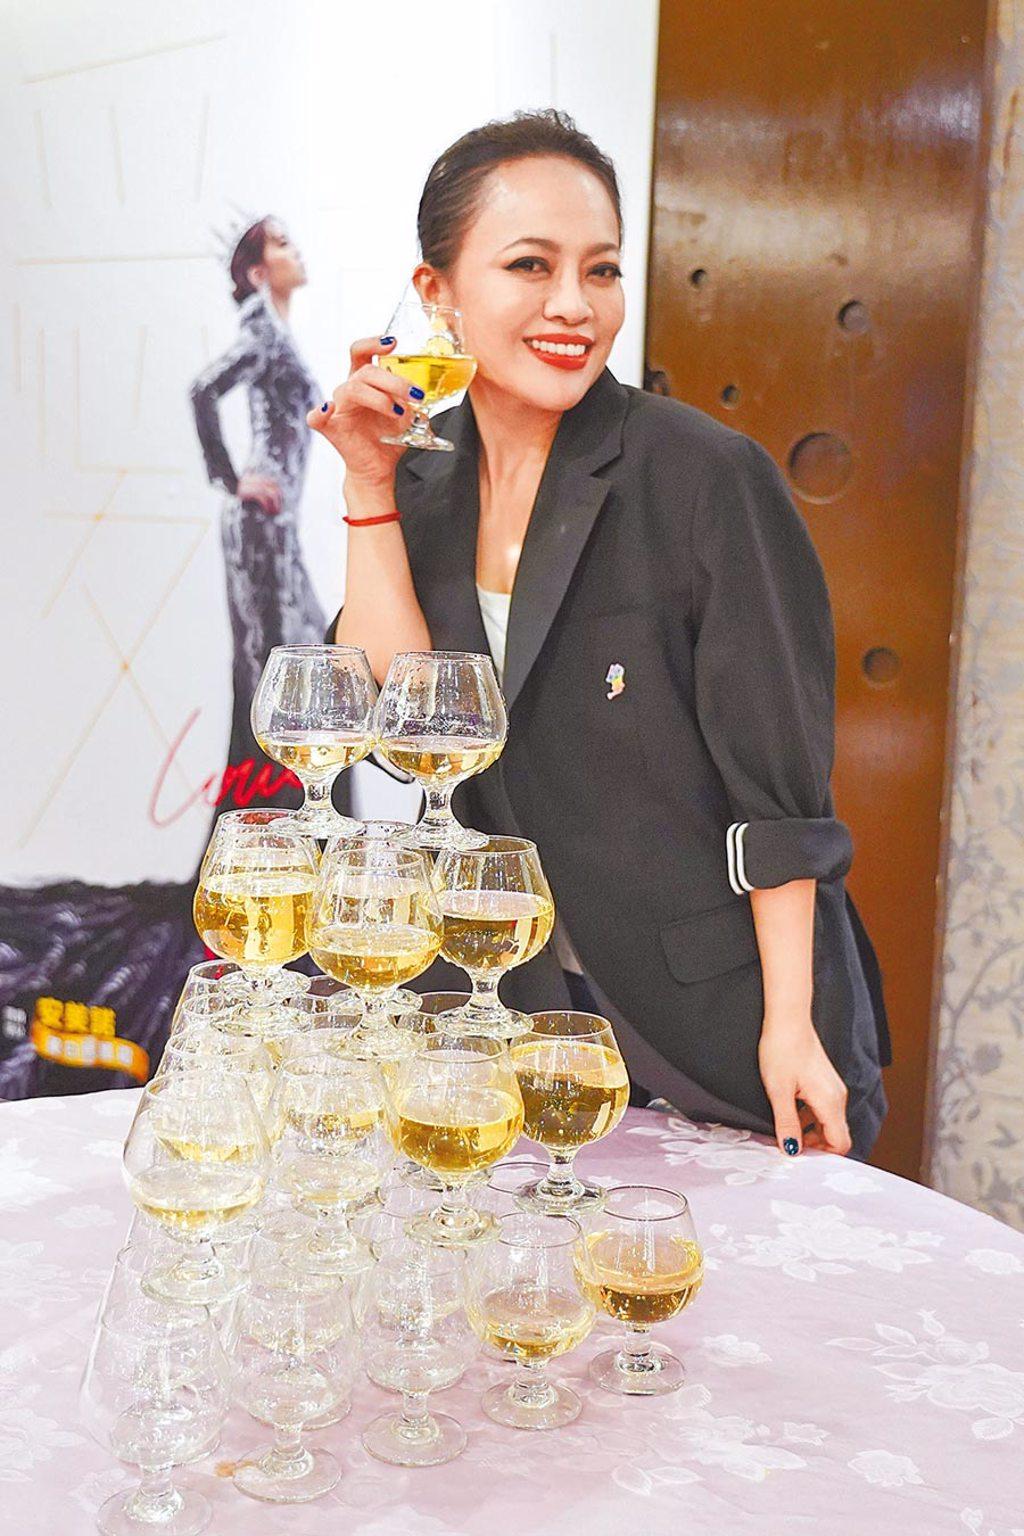 戴愛玲前晚歡喜地開香檳慶祝演出圓滿成功。(索尼音樂提供)